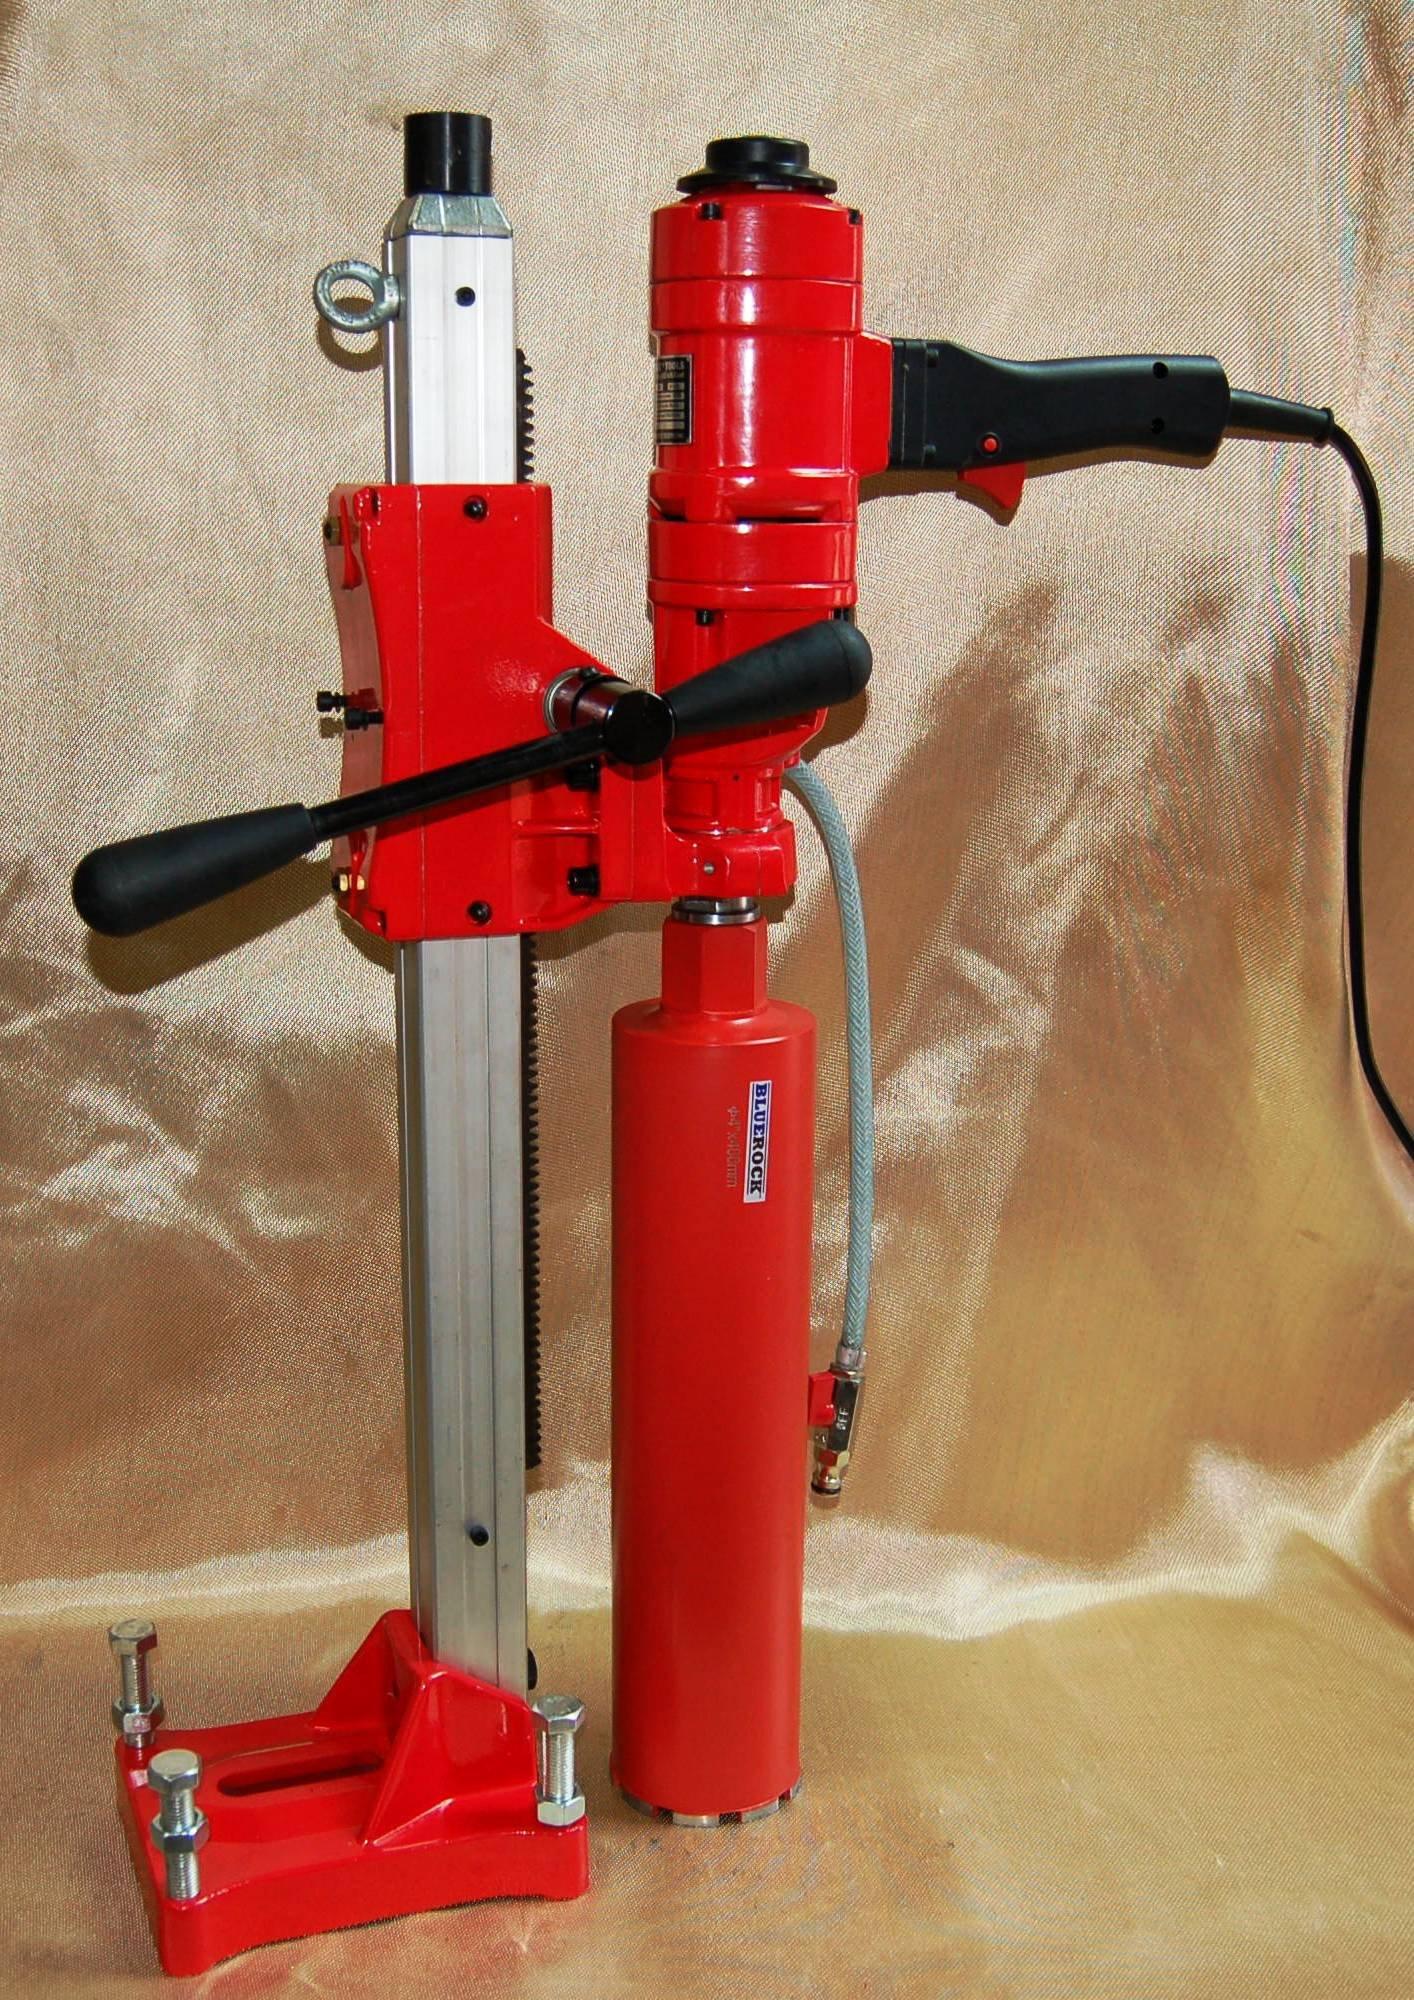 BLUEROCK ® Tools 4'' Concrete Core Drill Model 4'' Z-1WS Coring Drill